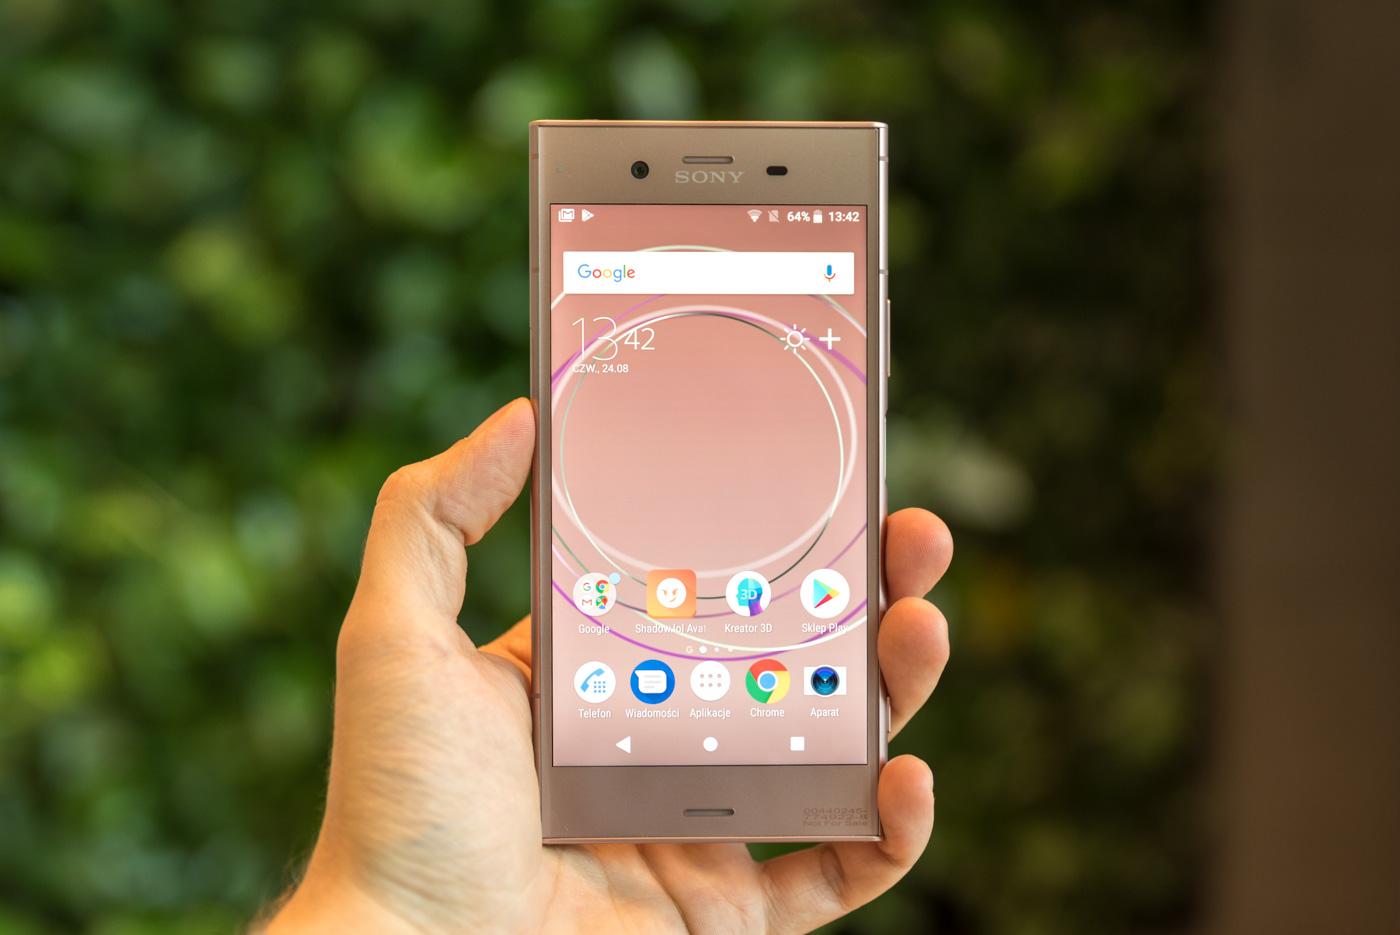 Sony zaprezentowało właśnie swój najnowszy telefon z najwyższej póki cenowej, jakościowej i wydajnościowej. Sony Xperia XZ1 na pierwszy rzut oka wydaje się naprawdę dobrym urządzeniem, którego kupno warto poważnie rozważyć.